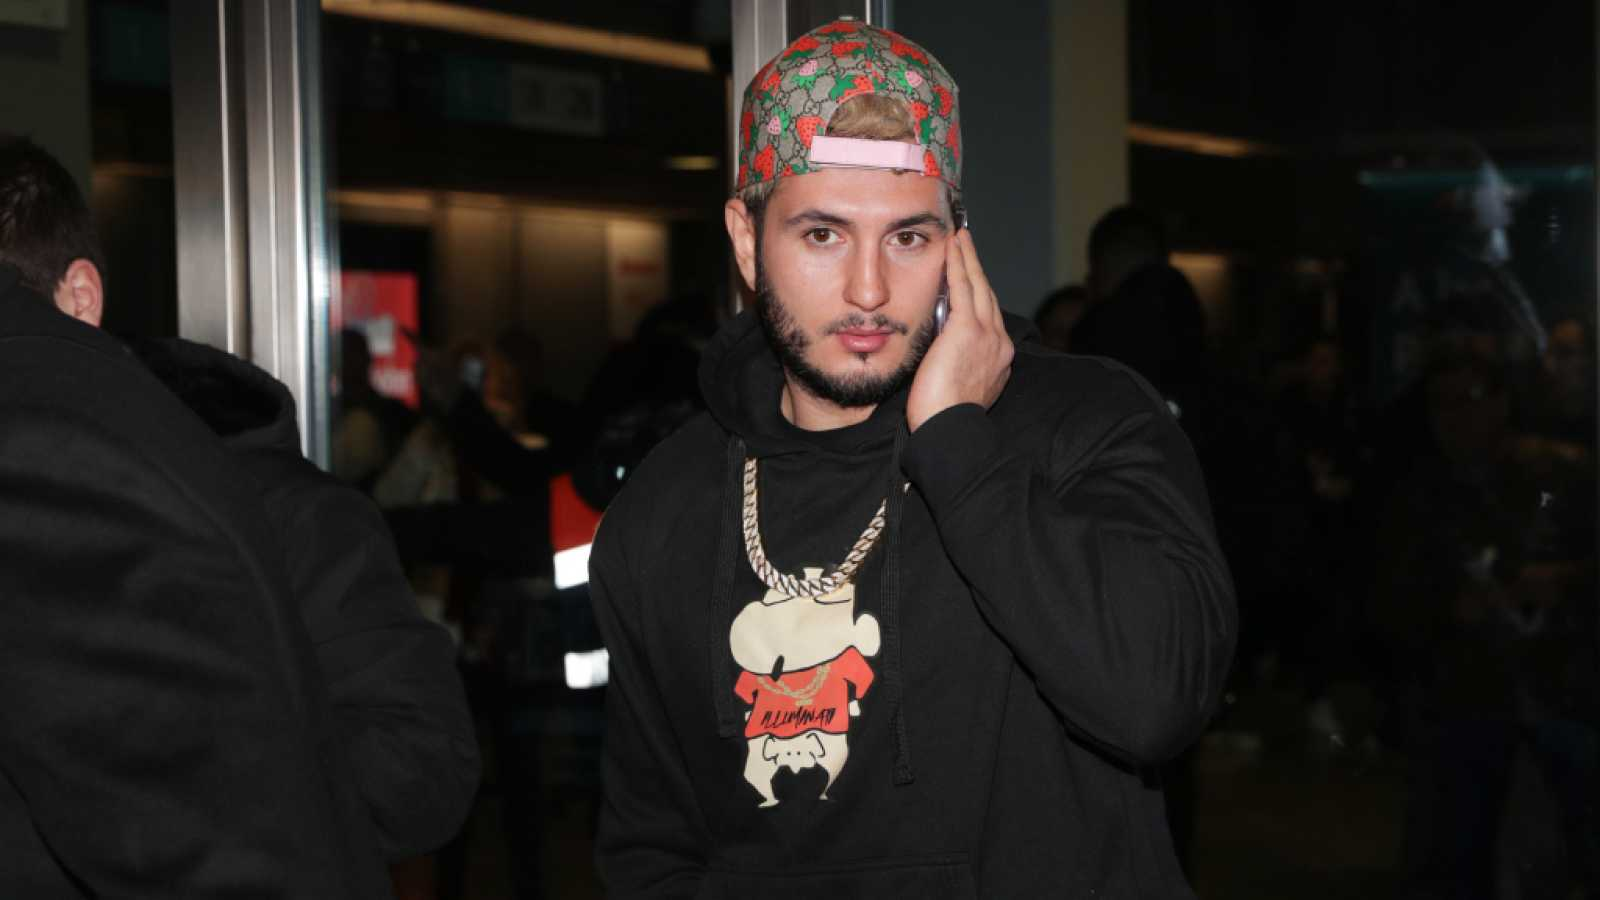 Omar Montes desvela los detalles tras la supuesta pelea callejera junto a Rvfv